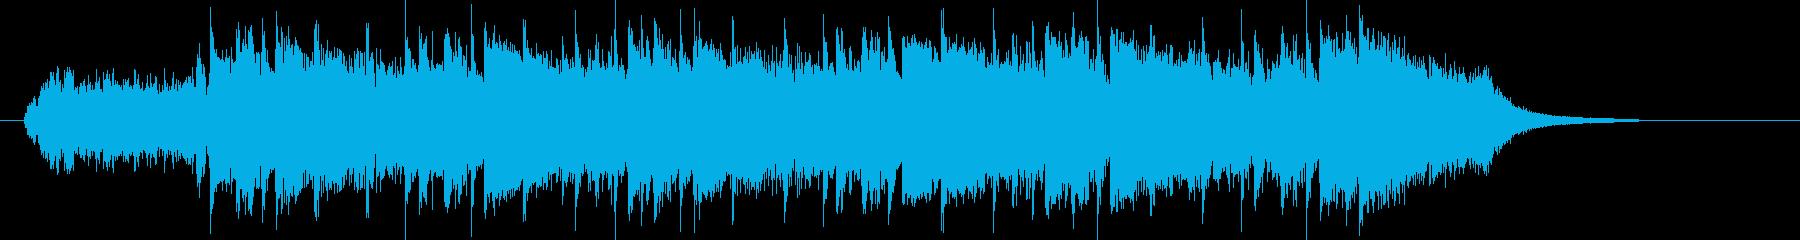 80年代洋楽ポップスのようなシンセ曲の再生済みの波形